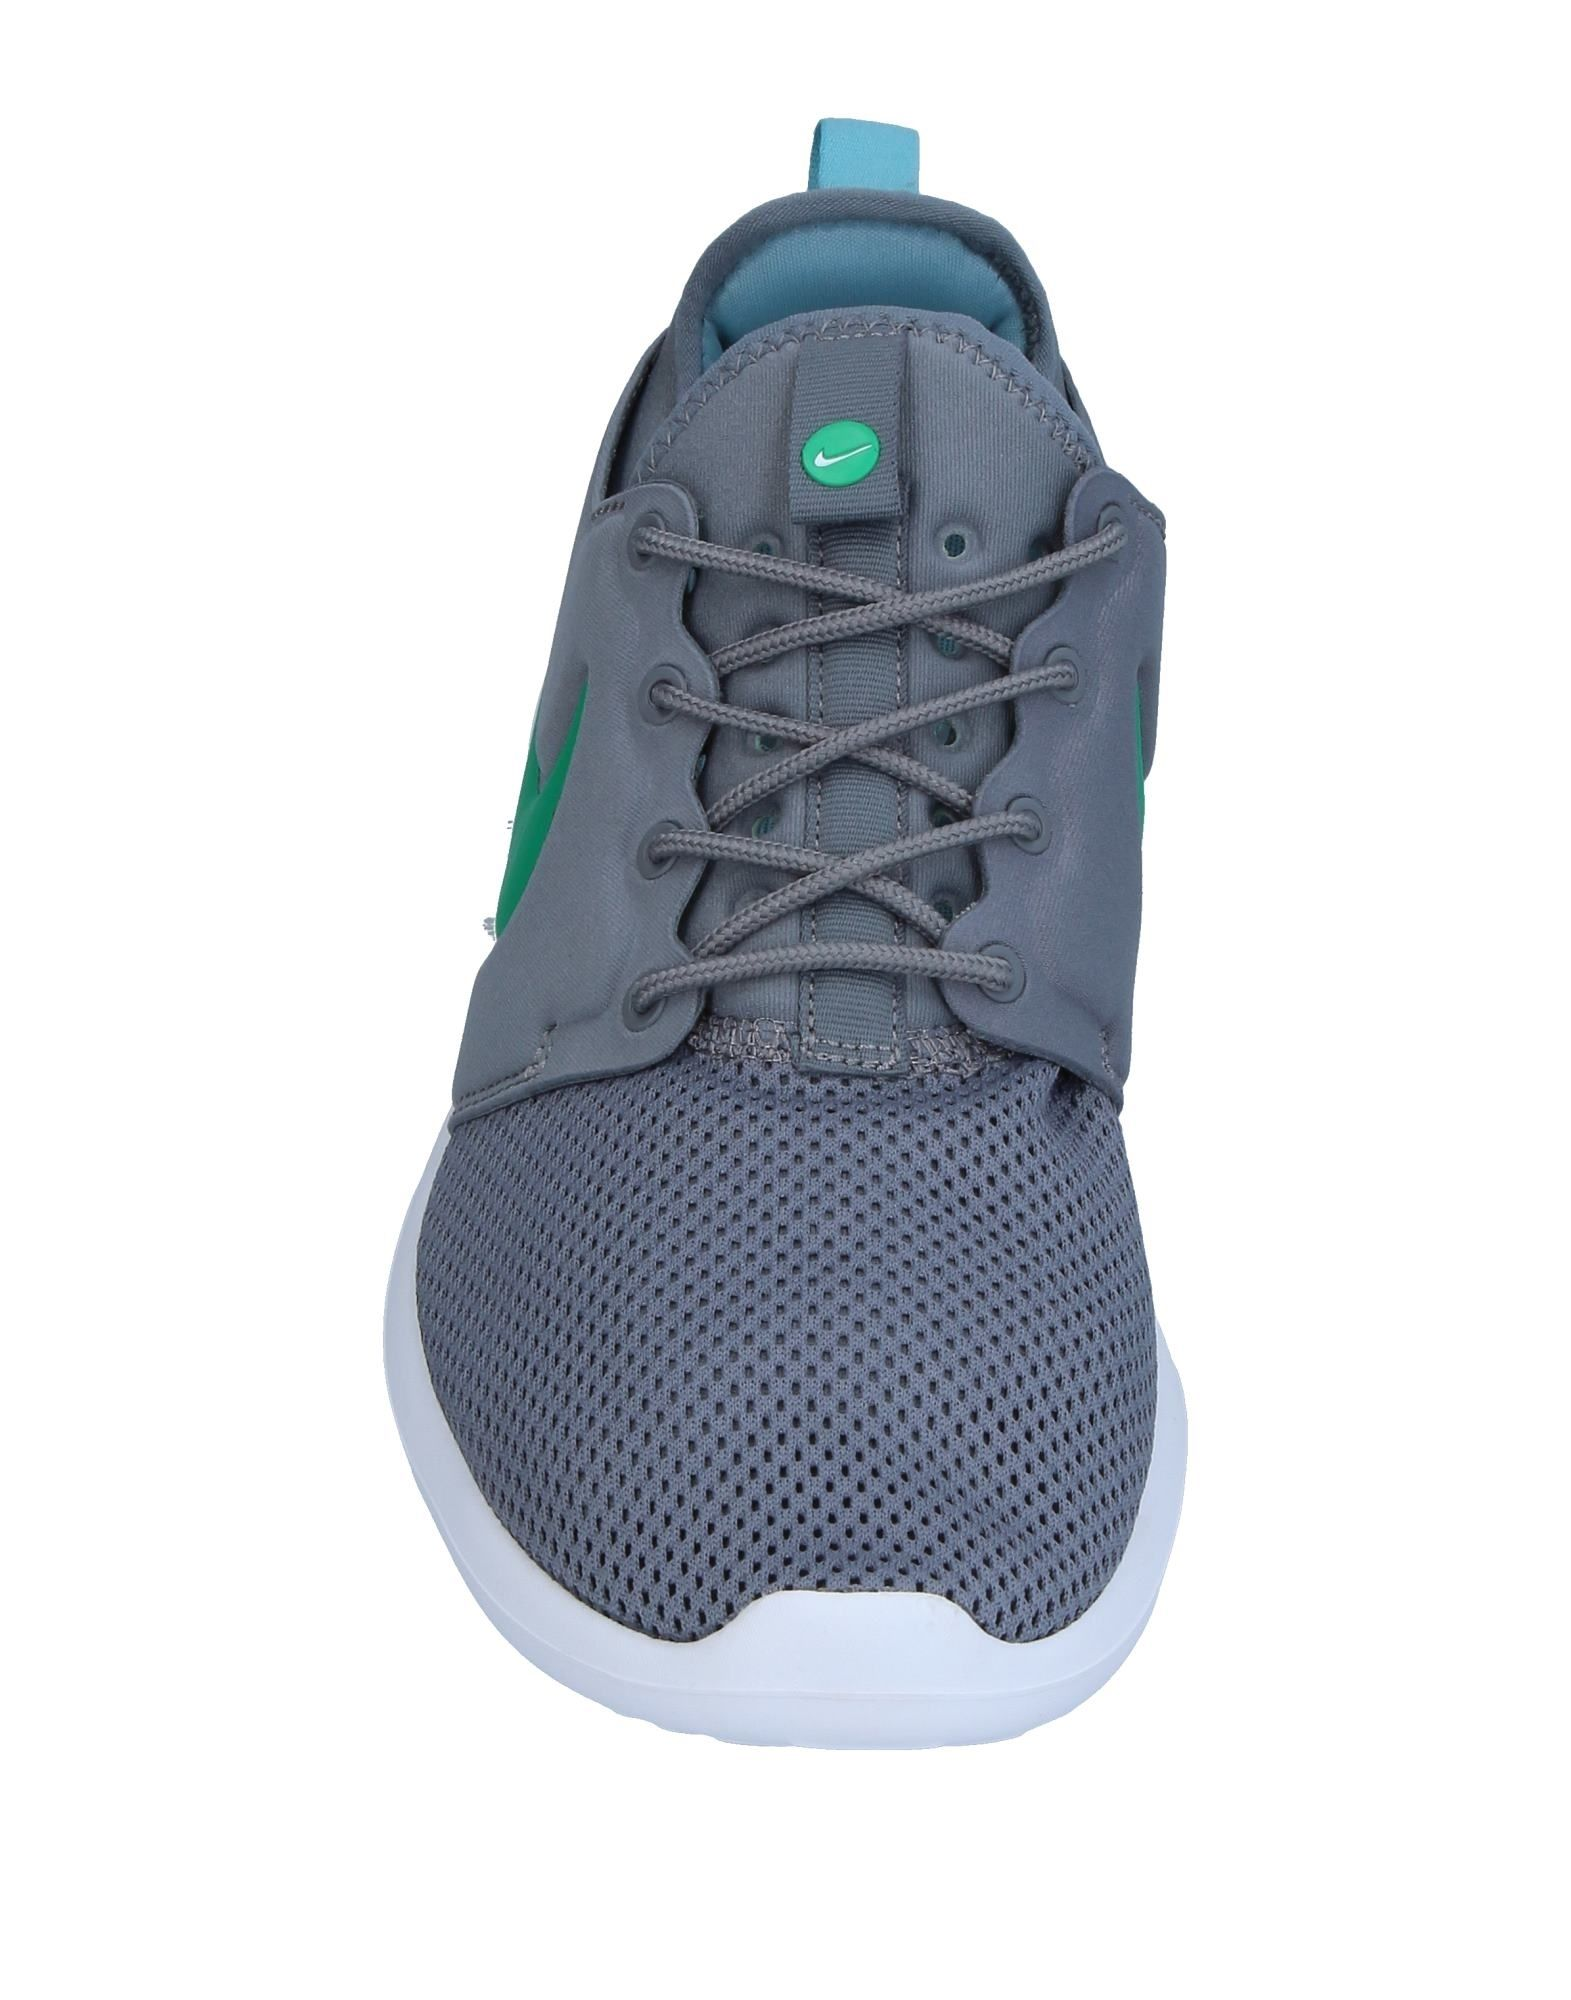 Rabatt Rabatt Rabatt echte Schuhe Nike Sneakers Herren  11329802NJ a16c3f